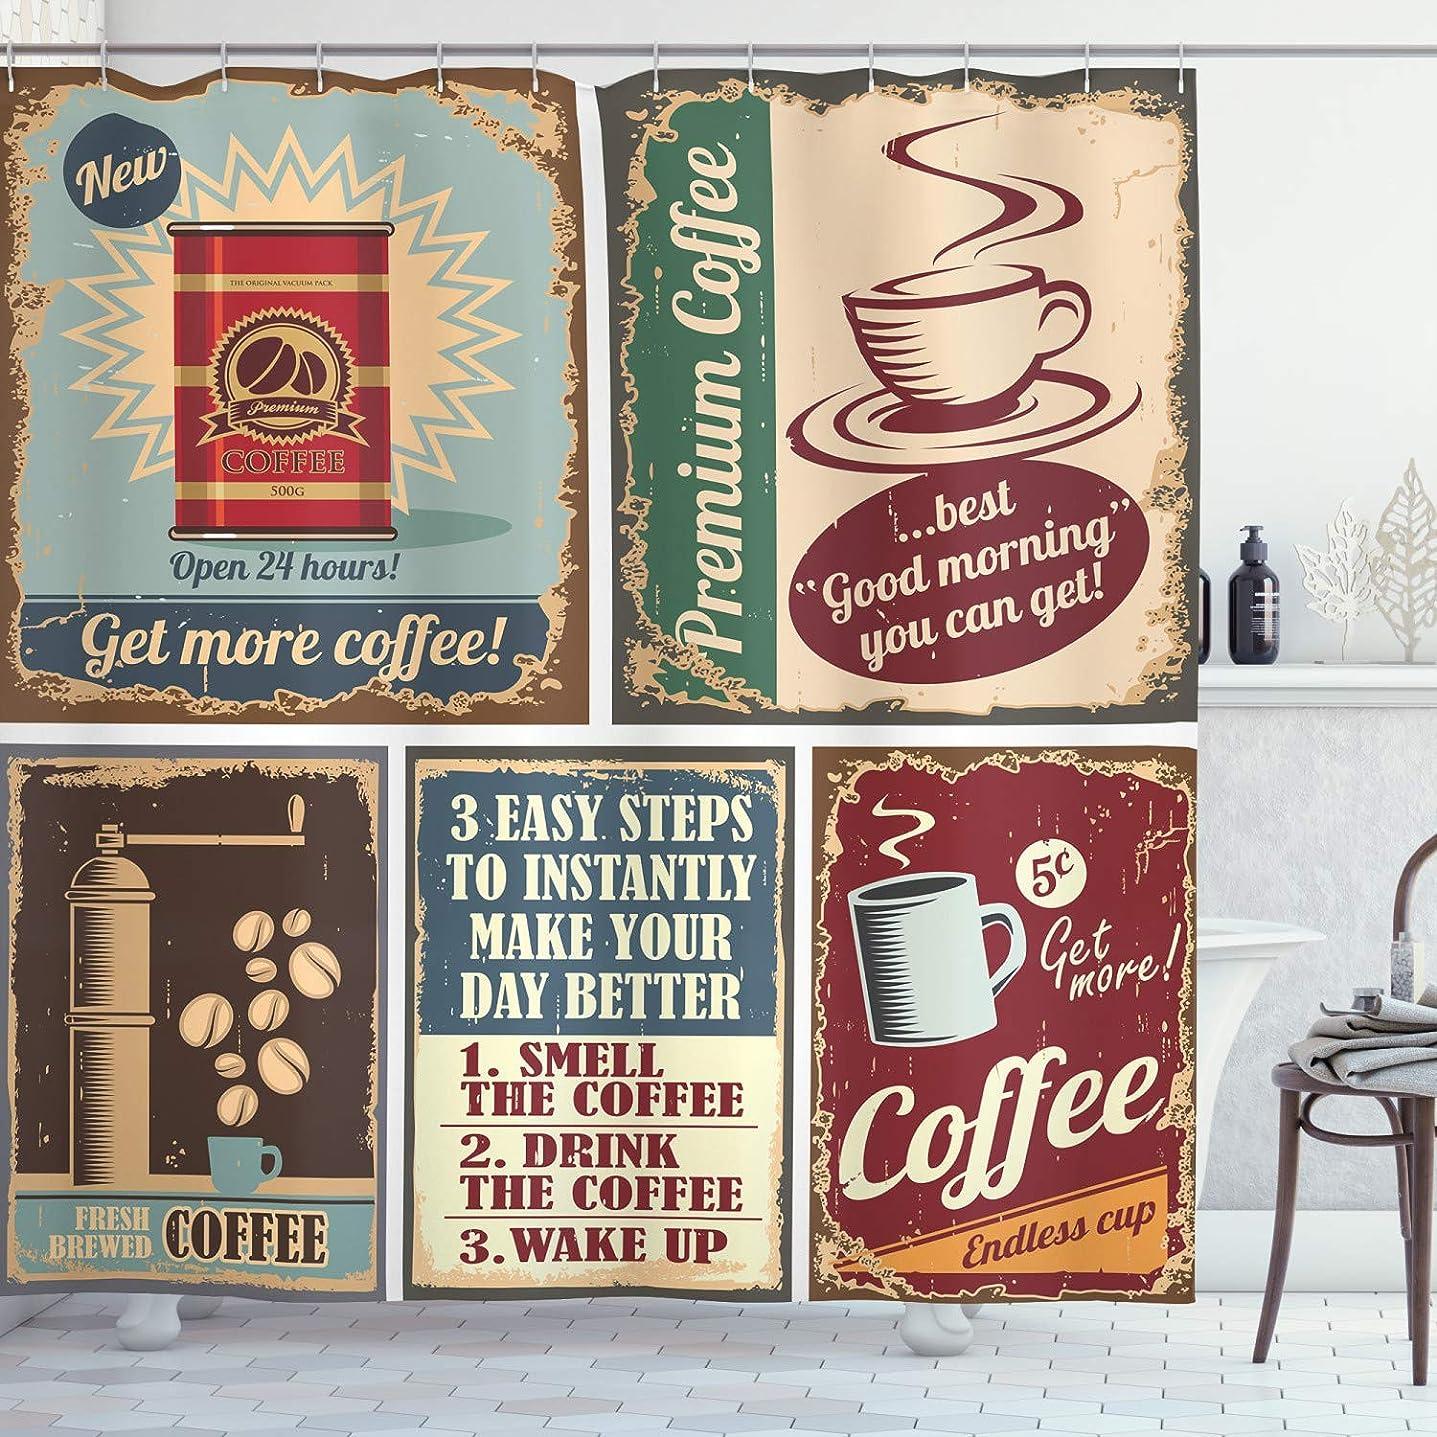 穏やかな浮浪者差し控える1950年代のインテリアコレクション、コーヒーポスター、金属看板芸術的なデザインBeanカップスズエスプレッソマグカップカプチーノロゴ、ポリエステル生地のバスルームシャワーカーテン、長さ75インチ、アイボリーレッド 180X180 CM